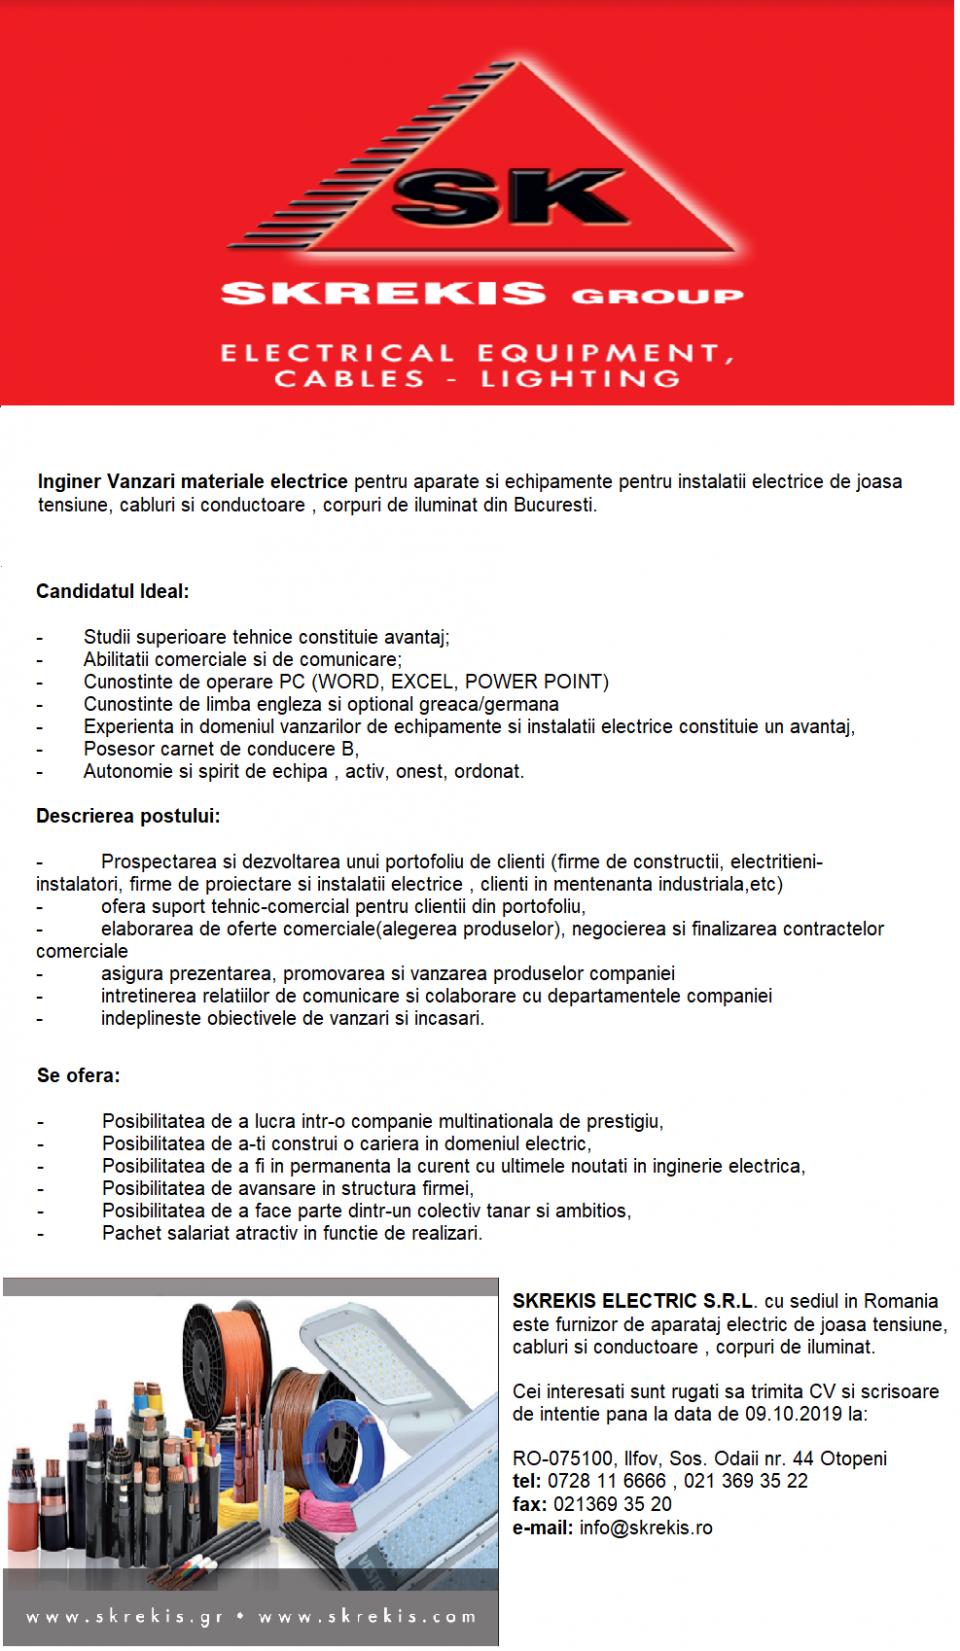 Companie nationala de distributie materiale electrice.  SKREKIS ELECTRIC S.R.L., sediu din Romania, furnizor de aparataj electric de joasa tensiune, cabluri si conductoare , corpuri de iluminat ,  Inginer Vanzari material electrice pentru aparate si echipamente pentru instalatii electrice de joasa tensiune, cabluri si conductoare , corpuri de iluminat in Bucuresti ,  Candidatul Ideal:  Studii superioare tehnice constituie avantaj; Abilitatii comerciale si de comunicare; Cunostinte de operare PC (WORD, EXCEL, POWER POINT) Cunostinte de limba engleza si optional greaca/germana Experienta in domeniul vanzarilor de echipamente si instalatii electrice constituie un avantaj, Posesor carnet de conducere B, Autonomie si spirit de echipa , activ, onest, ordonat,   Descrierea postului:   Prospectarea si deszoltarea unui portfoliu de clienti (firme de constructii, electritieni-instalatori, firme de proiectare si instalatii electrice , clienti in mentenanta industriala,etc) ofera suport tehnic-comercial pentru clientii din portfoliu; elaborarea de oferte comerciale(alegerea produselor), negocierea si finalizarea contractelor comerciale asigura prezentarea, promovarea si vanzarea produselor companiei intretinerea relatiilor comunicare si colaborare cu departamentele companiei indeplineste obiectivele de vanzari si incasari Se ofera:  Posibilitatea de a lucra intro-o companie multinationala de prestigiu Posibilitatea de a-si construi o cariera in domeniul electric, Posibilitatea de a fi in permanenta la curent cu ultimele noutati in inginerie electrica, Posibilitatea de avansare in structura firmei Posibilitatea de a face parte dintr-un colectiv tanar si ambitios, Pachet salariat atractiv in functie de realizari. Cei interesati sunt rugati sa trimita CV si scrisoare de intentie pana la data de 09.10.2019 la RO-075100, llfov, Sos. Odaii nr. 44 Otopeni, tel: 0728 11 6666 , 021 369 35 22, fax: 021369 35 20 e-mail: info@skrekis.ro  Oras de lucru Bucuresti Nivel studii Absolvent Depar